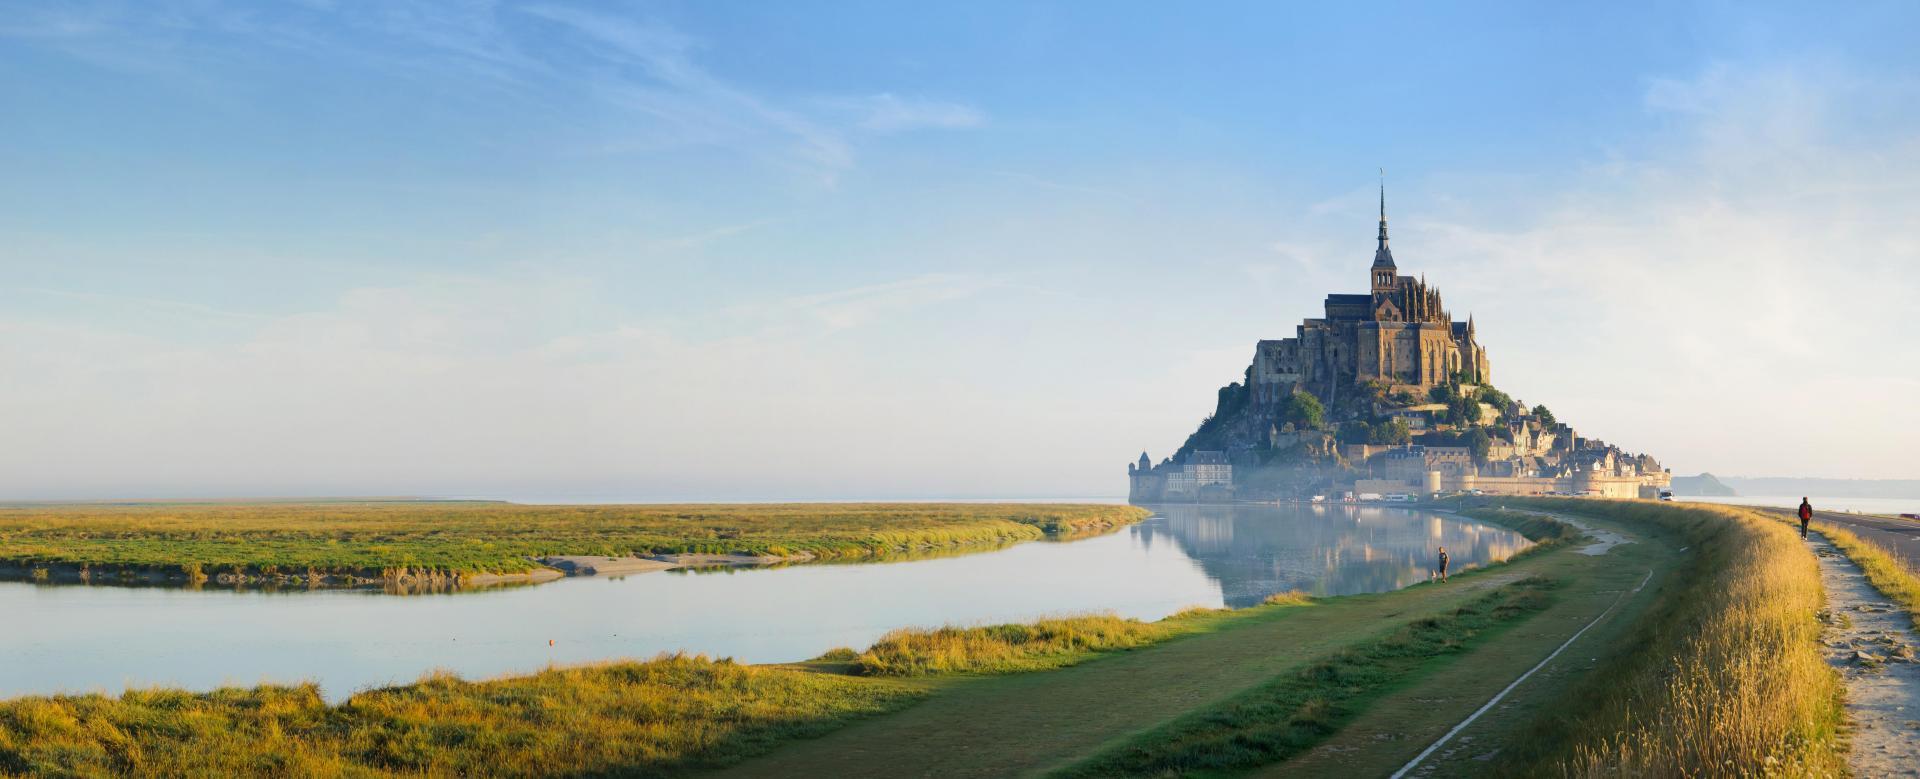 Voyage à pied : Normandie : Havres normands et mont-saint-michel